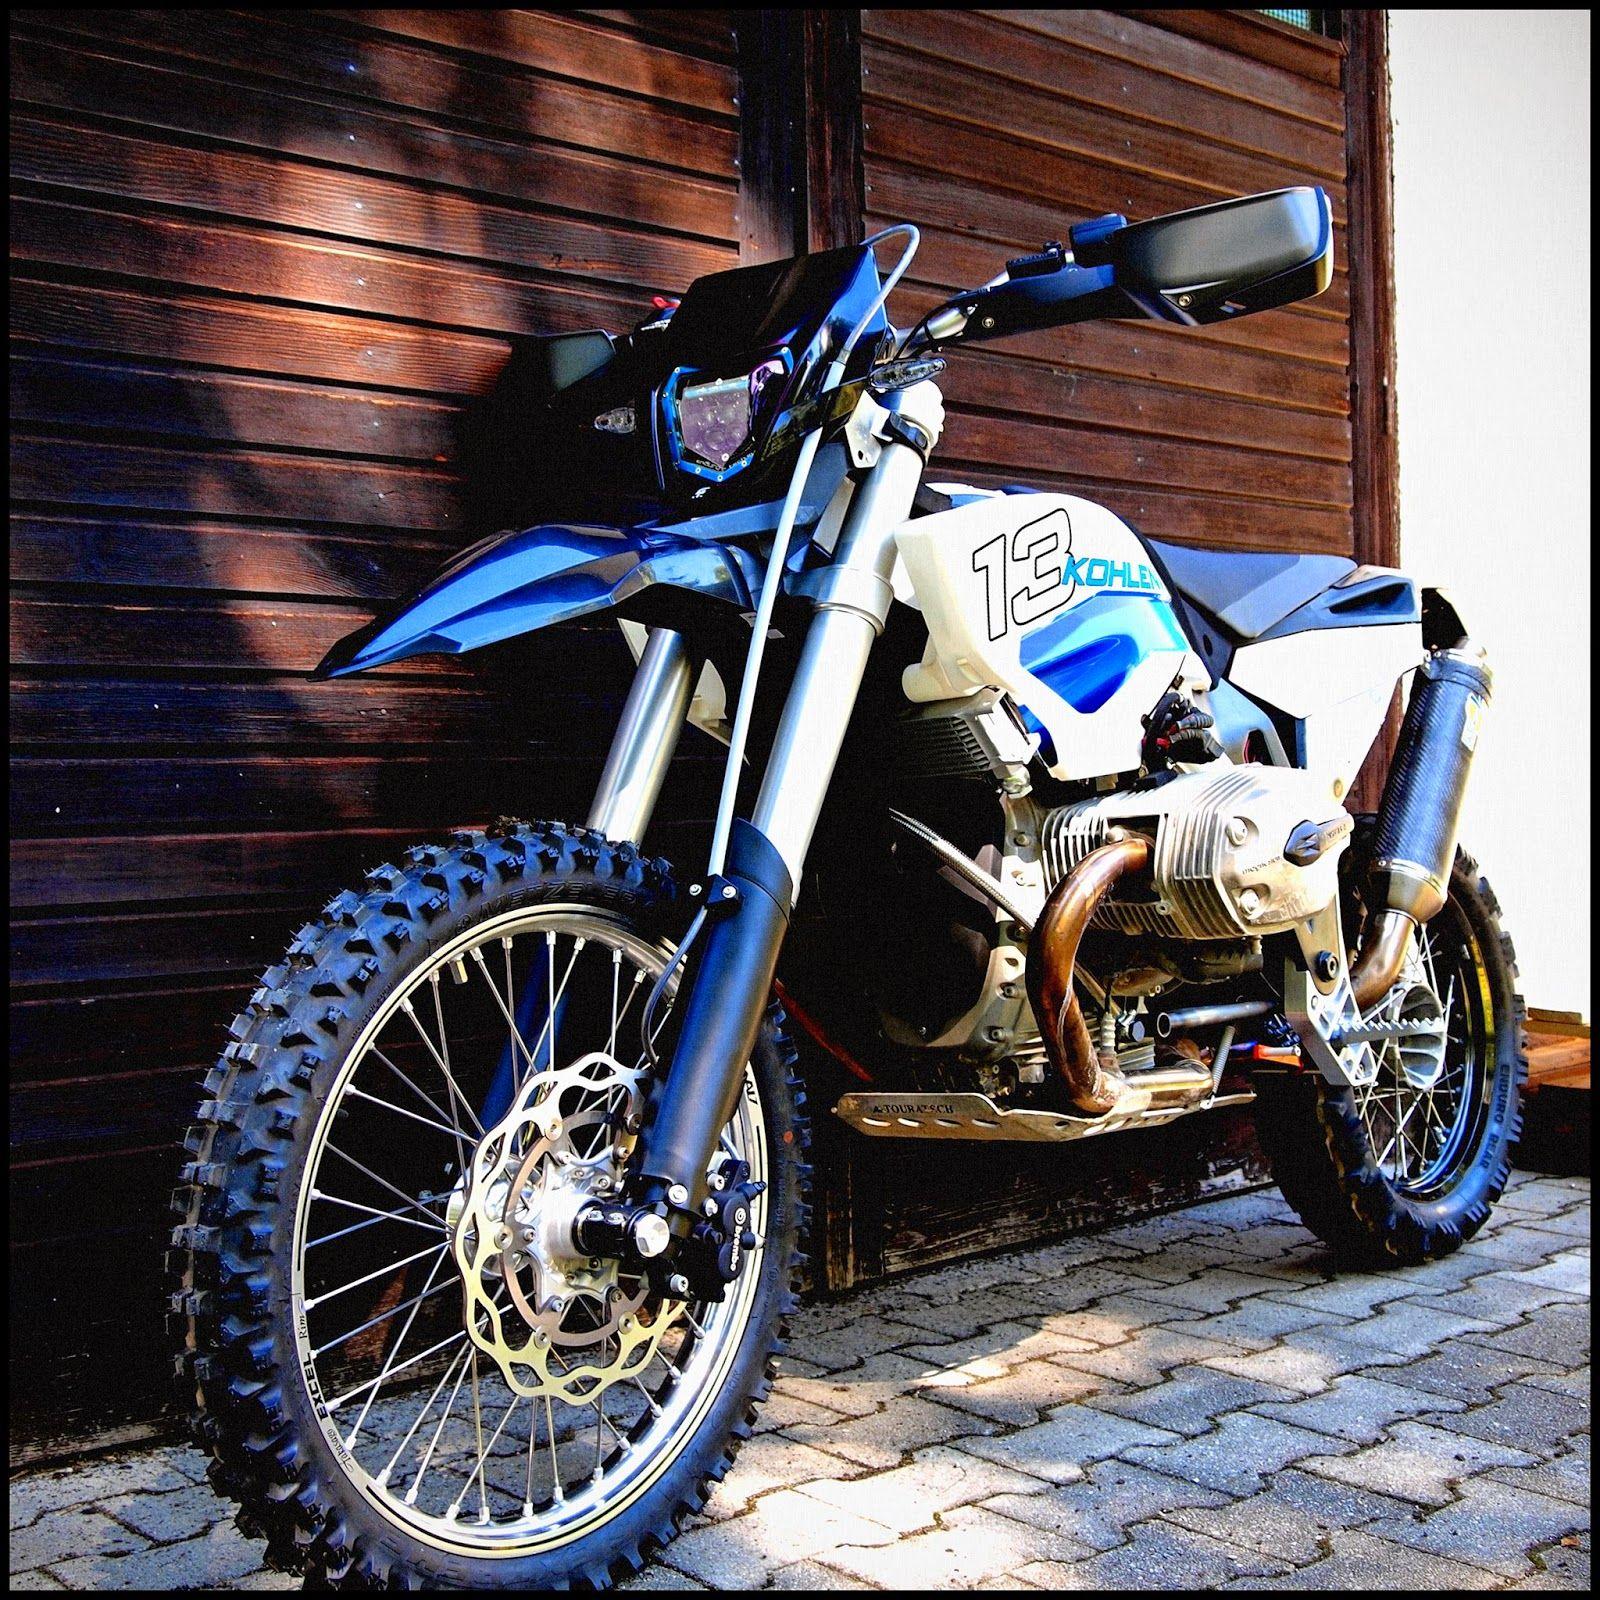 Kohlenwerk Gs Cross Bmw Motorrad Motorrad Bmw 1er